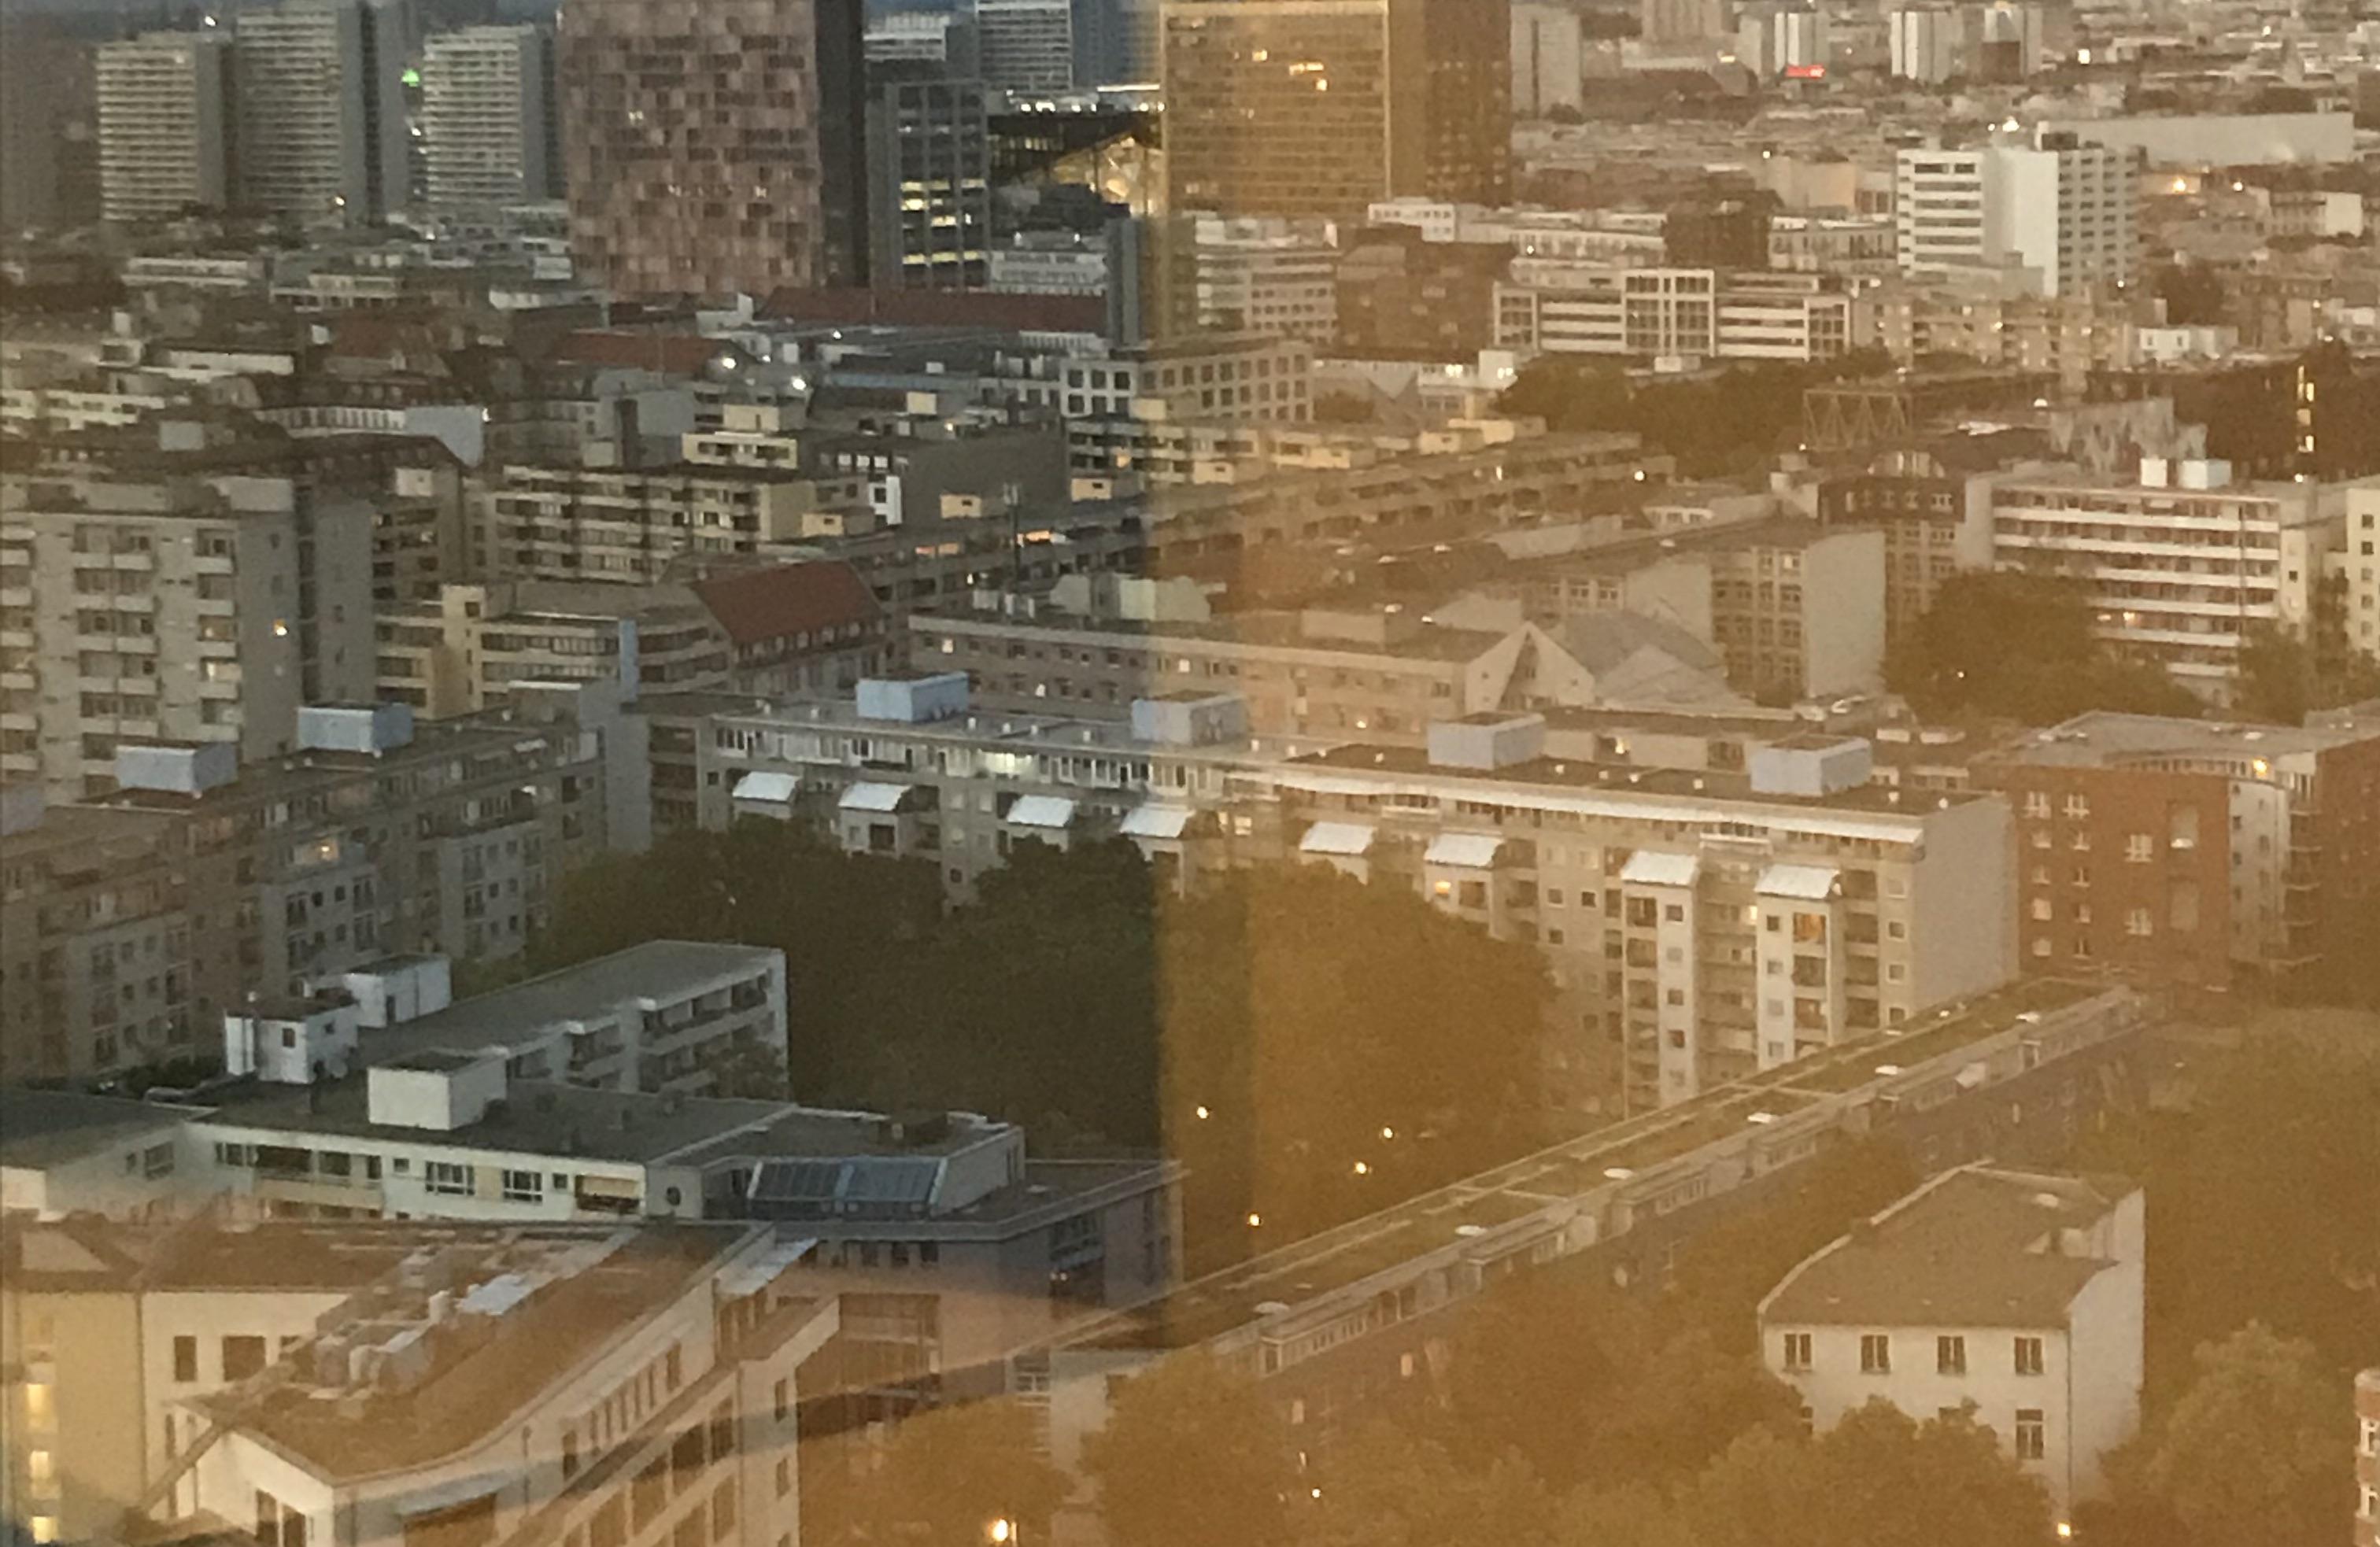 Aussicht aus dem Veranstaltungsraum auf die Dächer der Stadt Berlin.